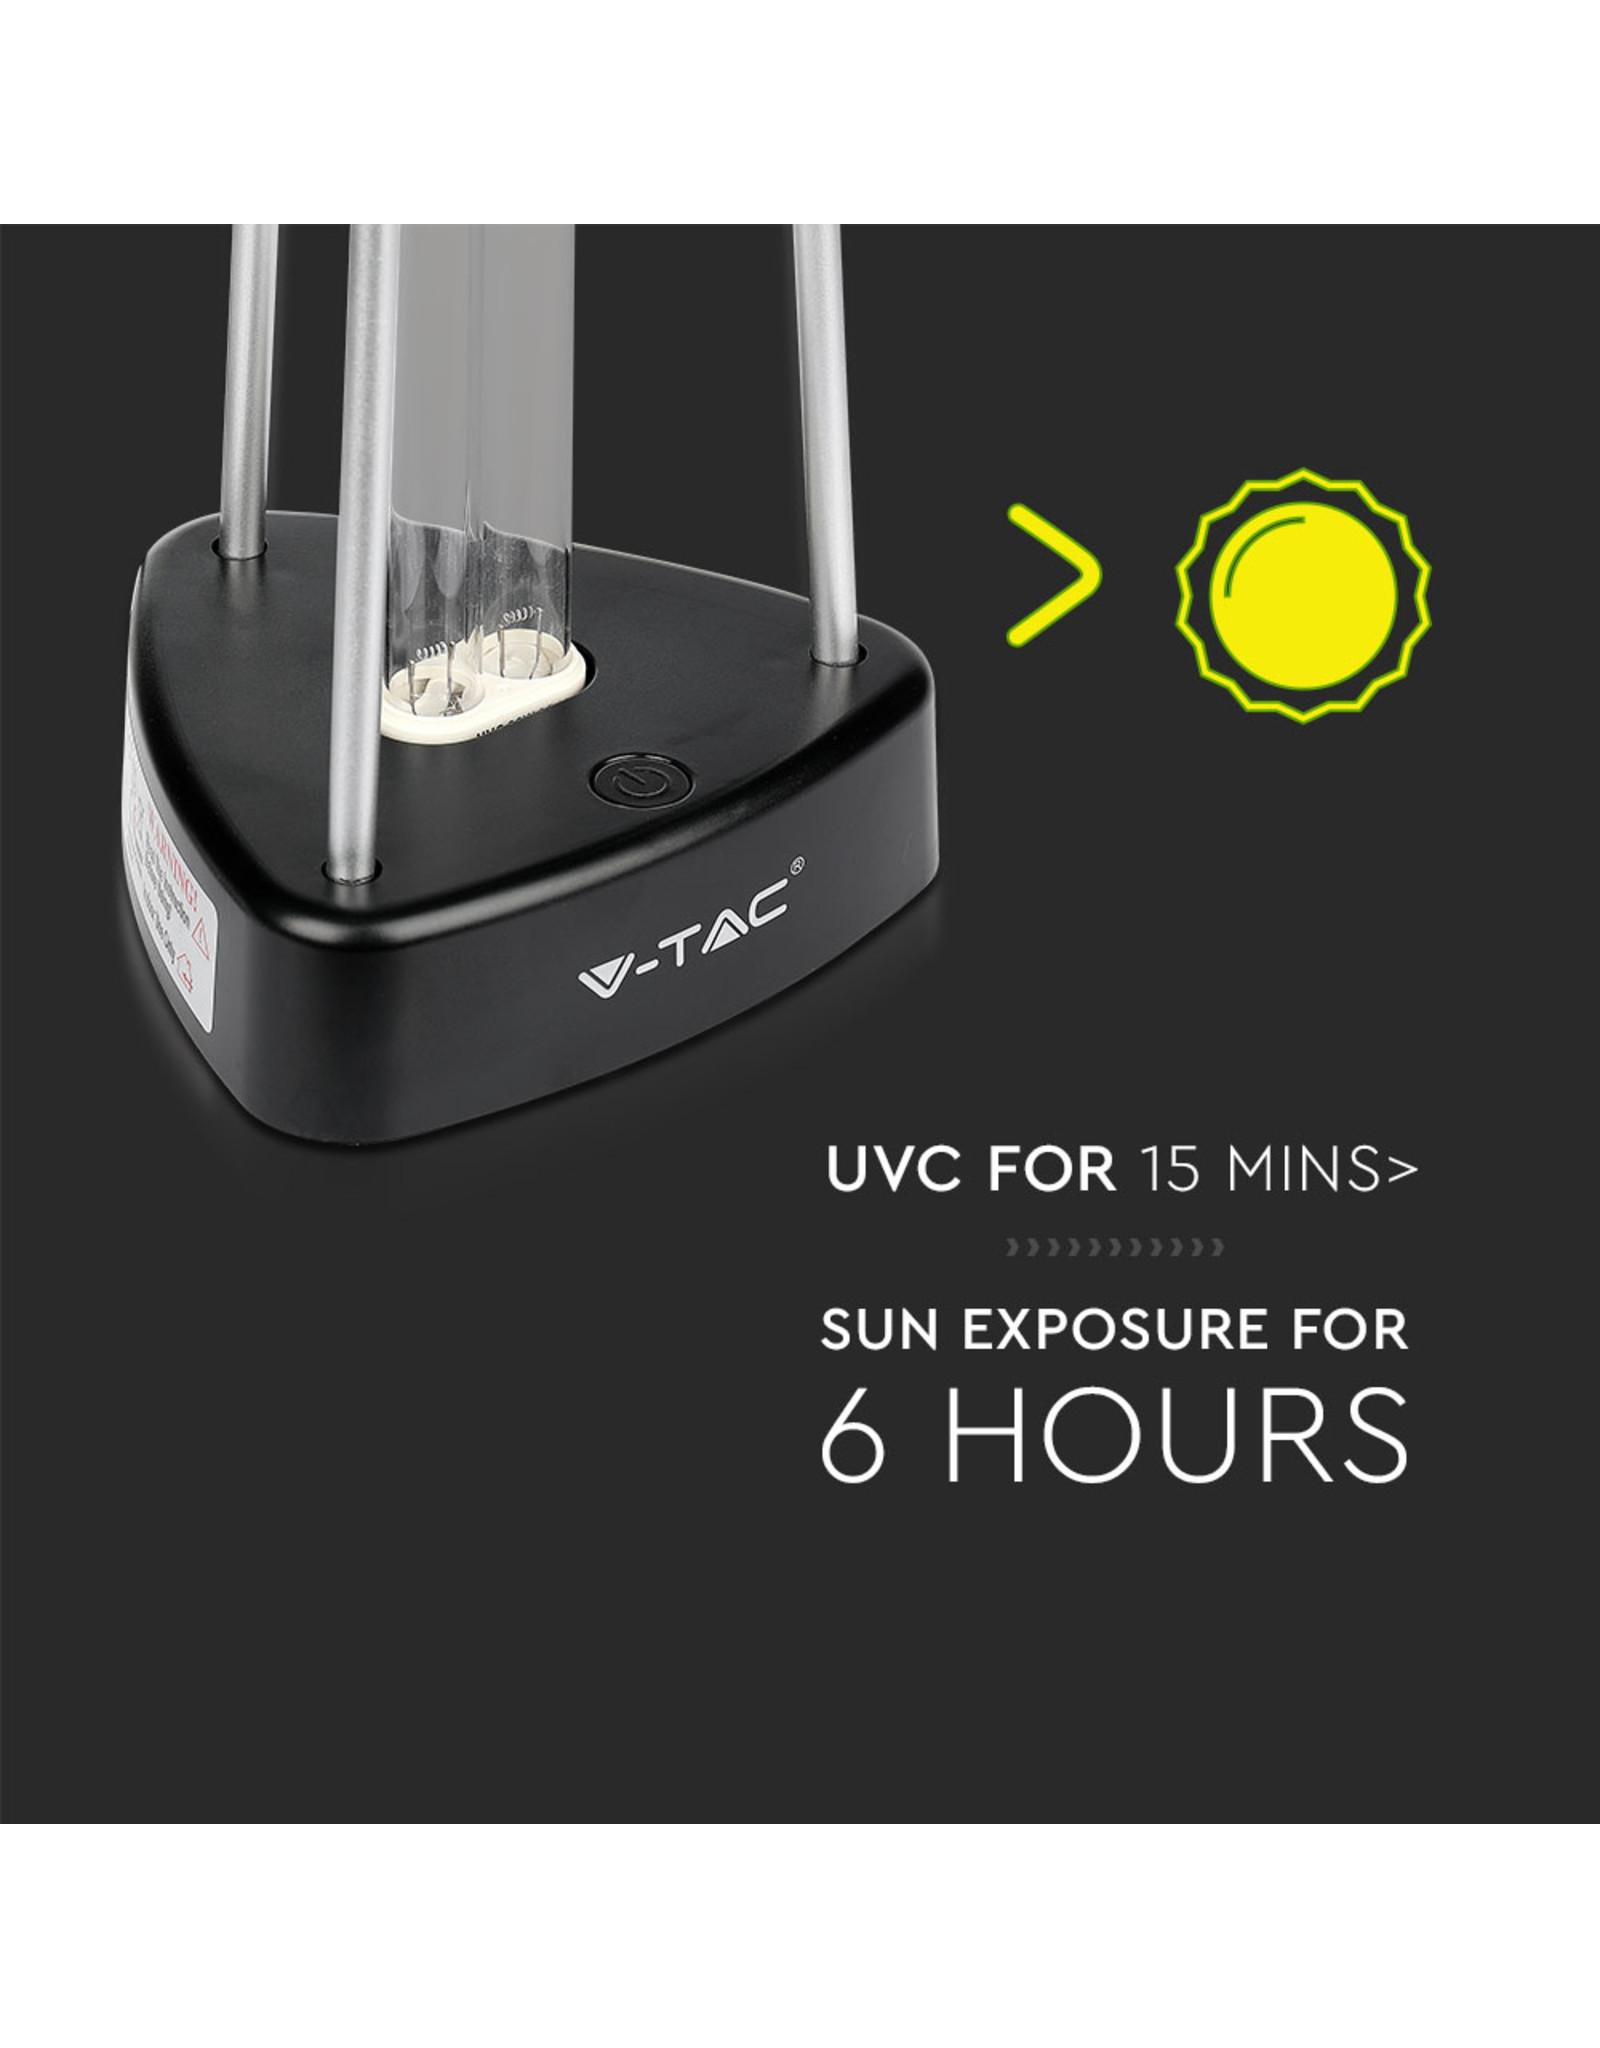 V-tac V-tac UVc lamp - Ozone - VT-3238